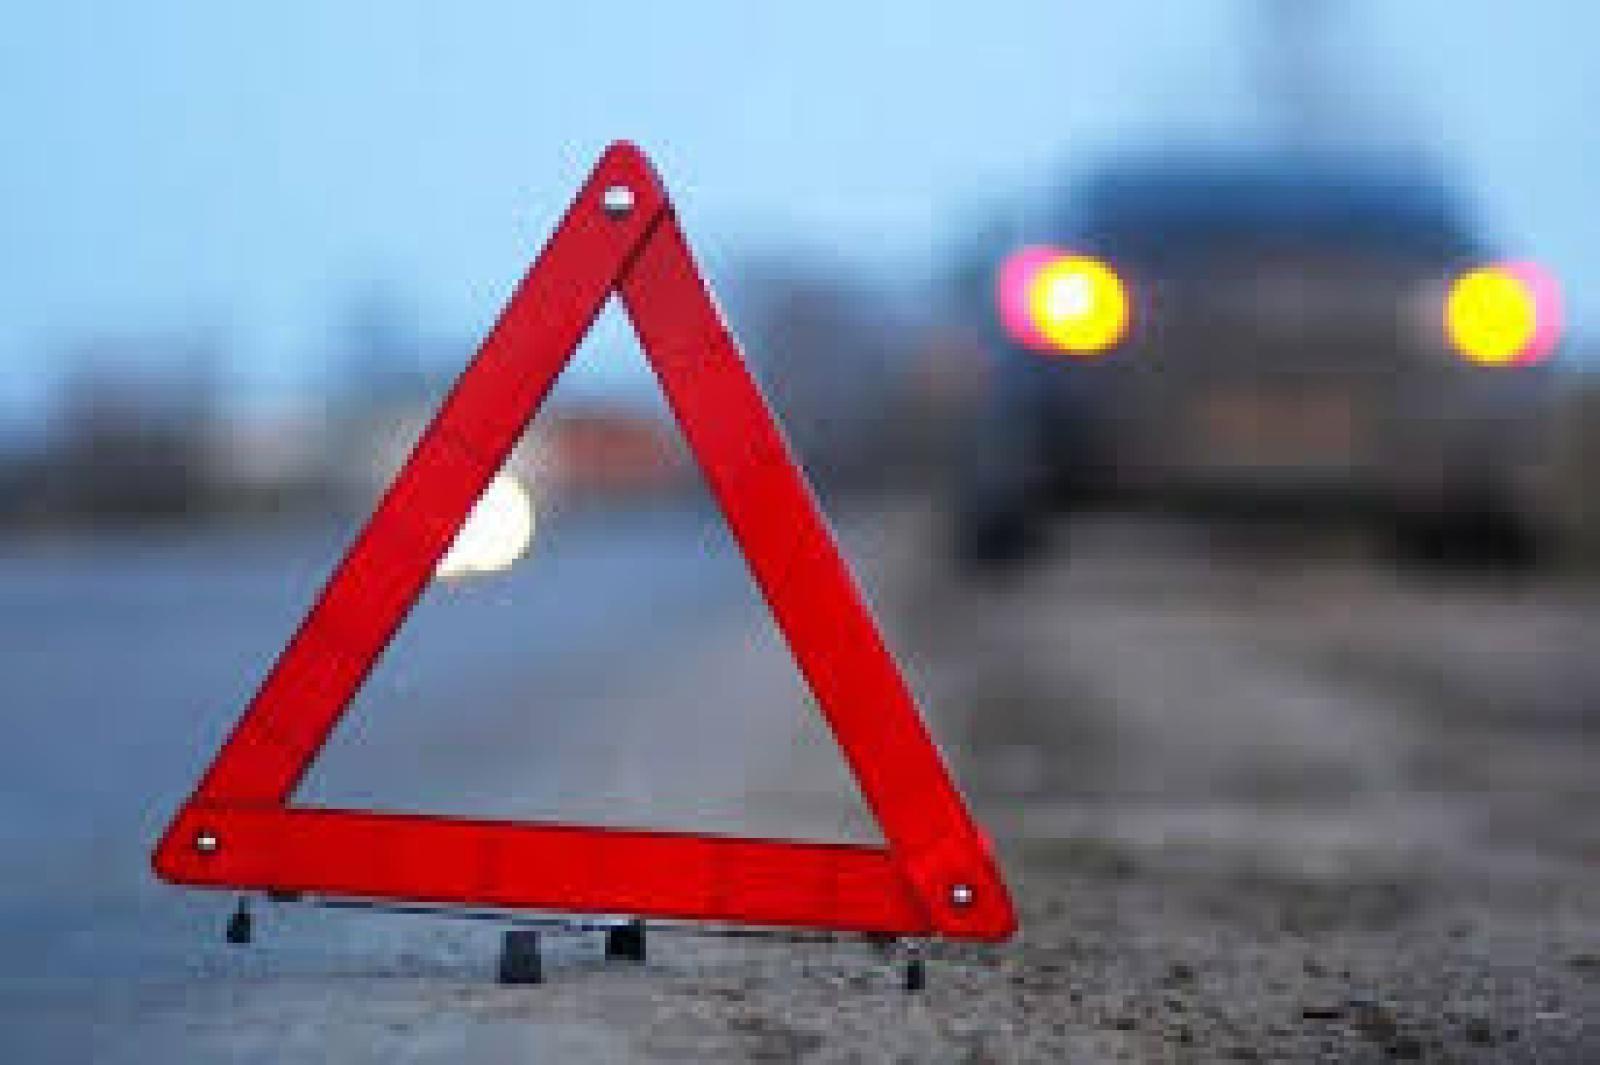 Вмассовом ДТП наКоммунальном мосту пострадало два человека